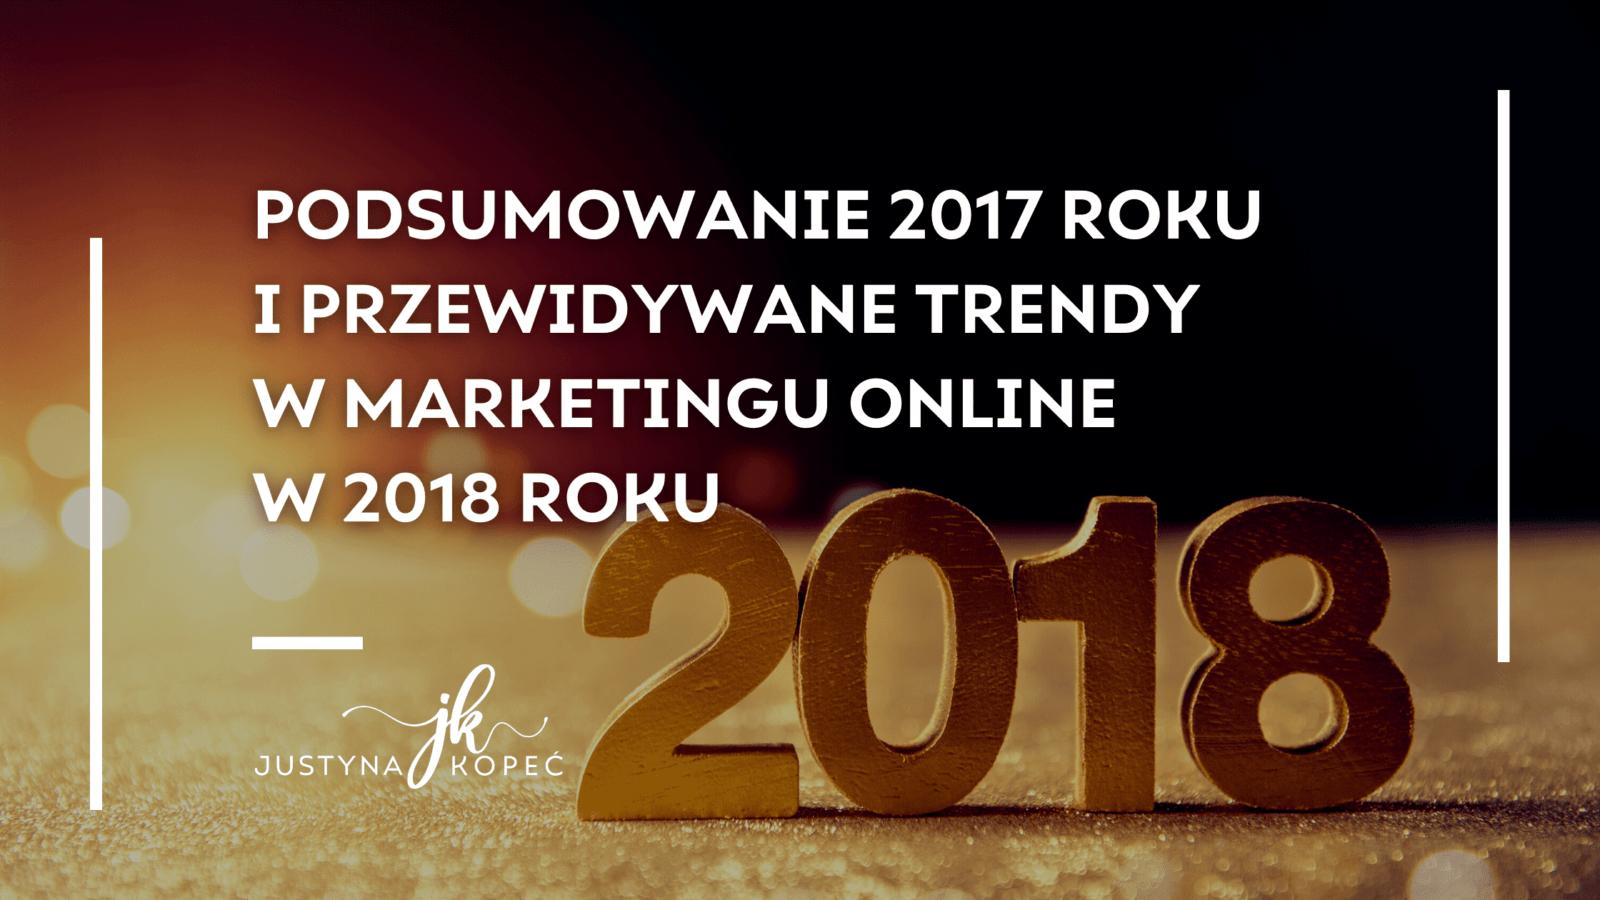 trendy w marketingu online Justyna Kopeć blog artykuły